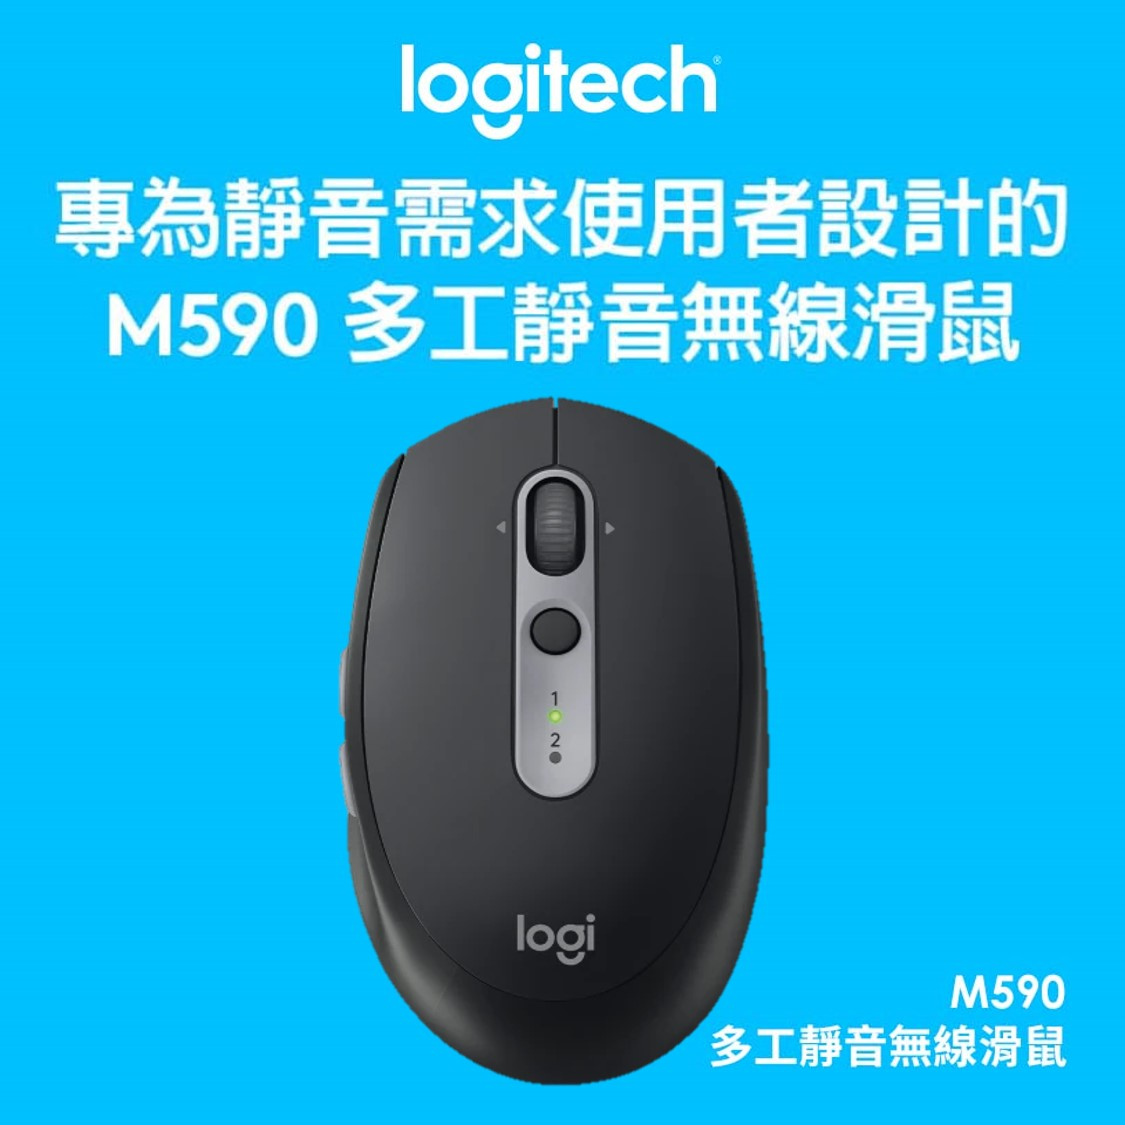 罗技M590多工静音无线鼠标-炭石黑(910-005200)